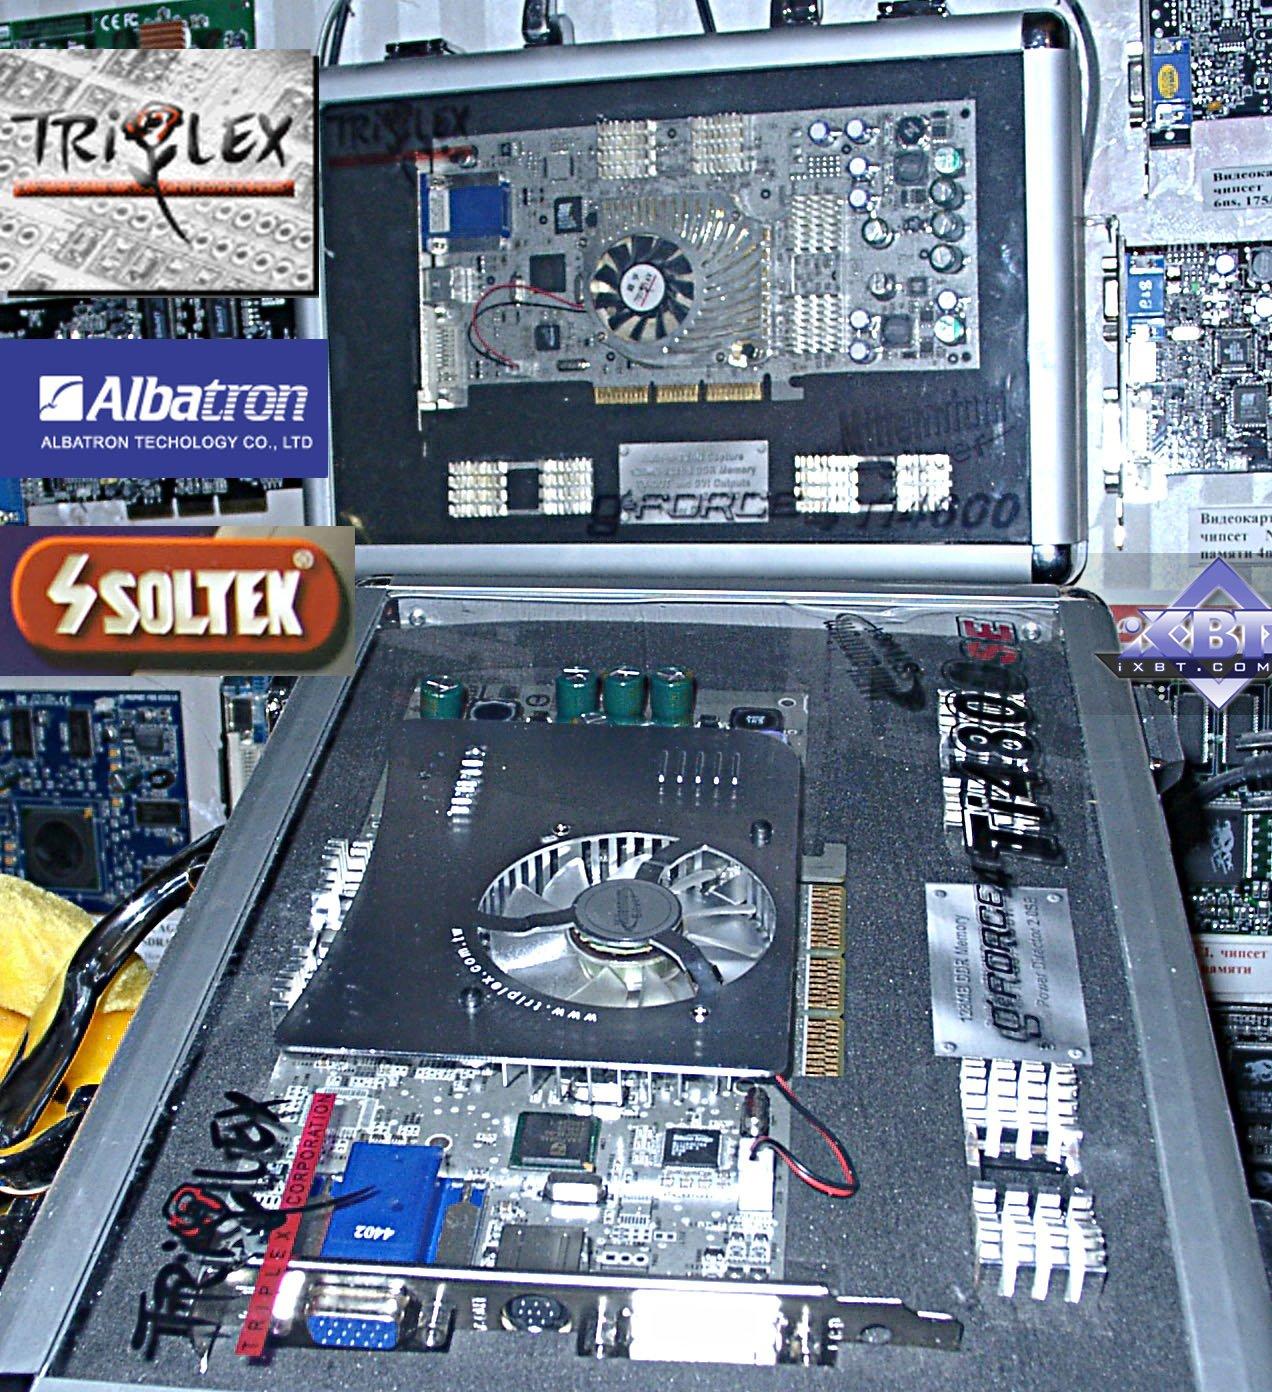 скачать драйвера nvidia geforce fx 5200 128 mb